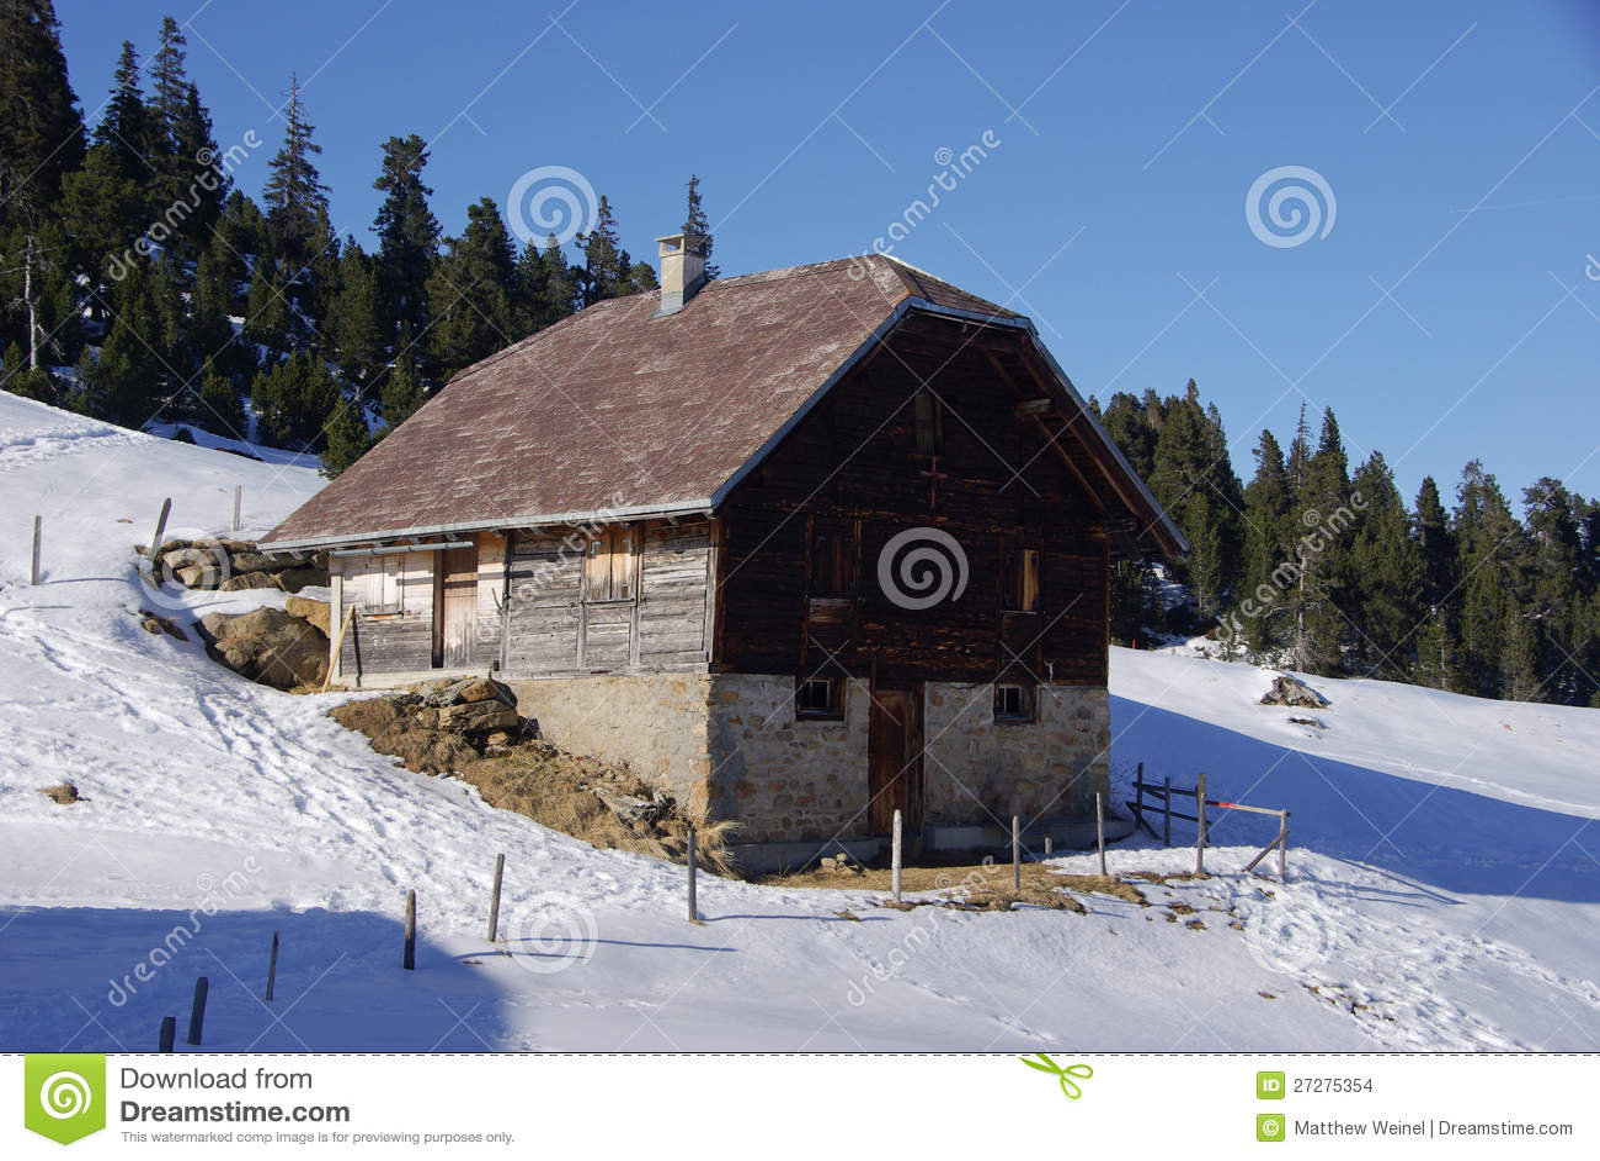 Chalet op sneeuwberghelling